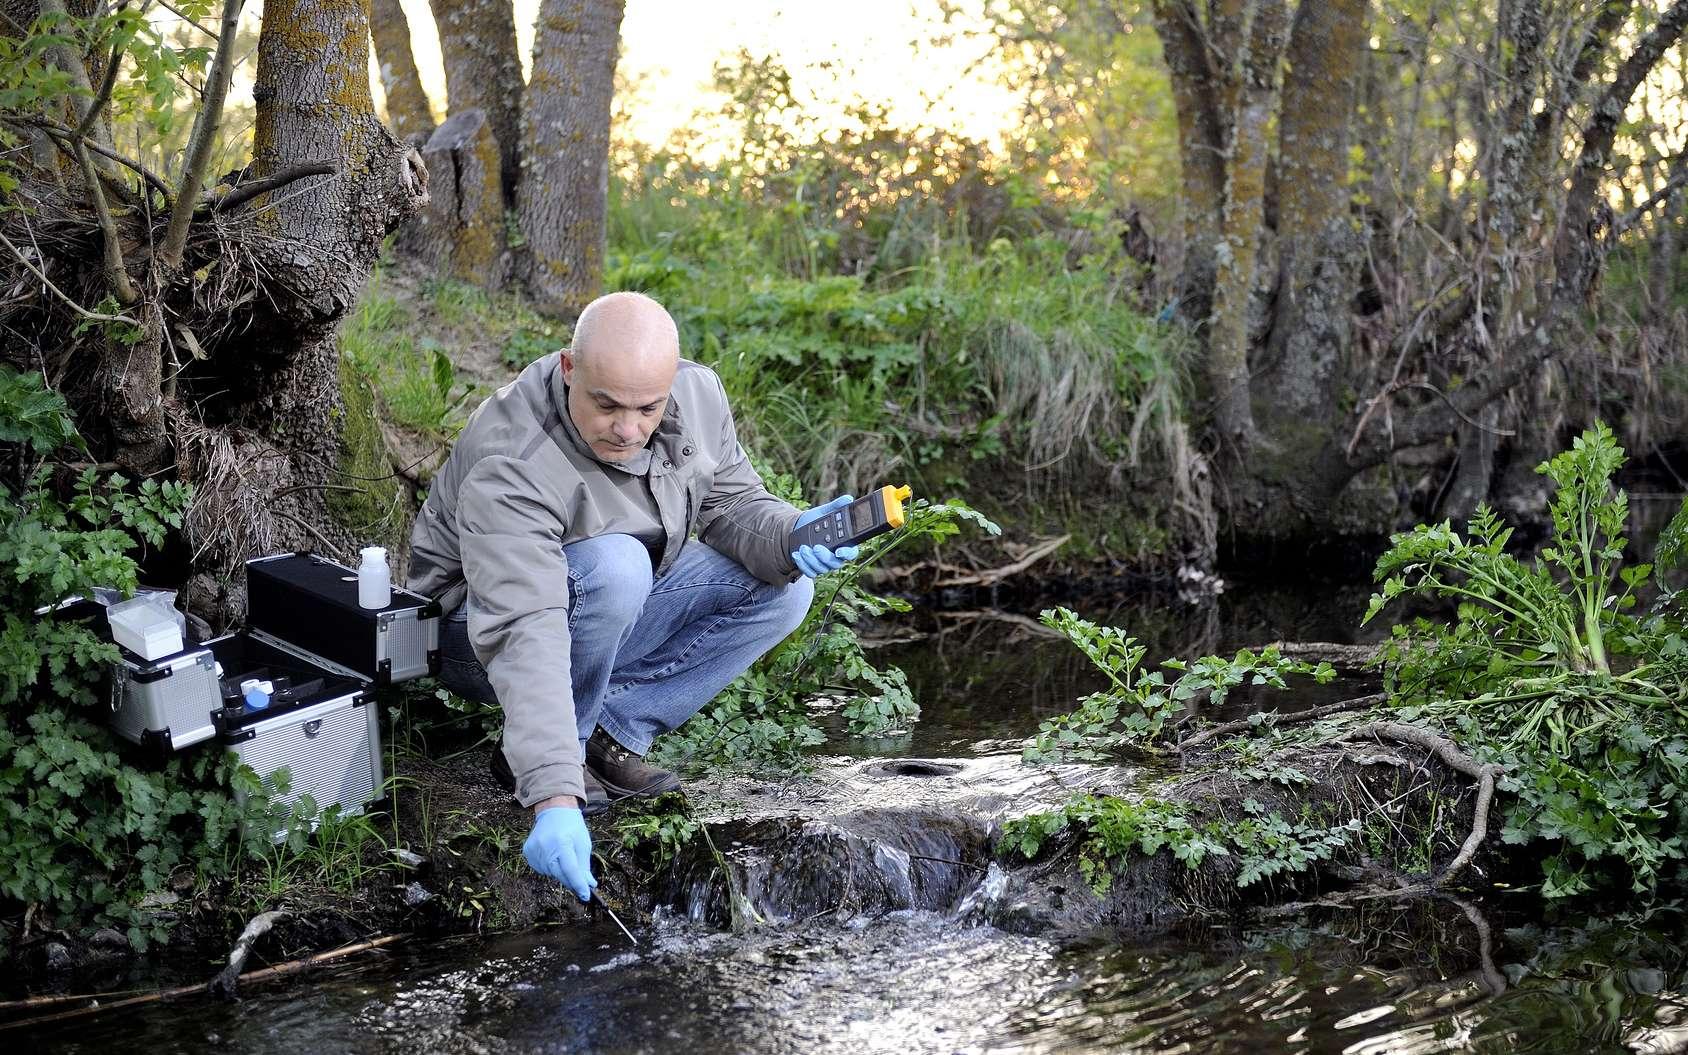 Les cours d'eau sont plus directement touchés par la pollution aux pesticides. Mais des échanges existent entre cours d'eau et eaux souterraines qui font que celles-ci ne sont pas épargnées. © francescomou, fotolia